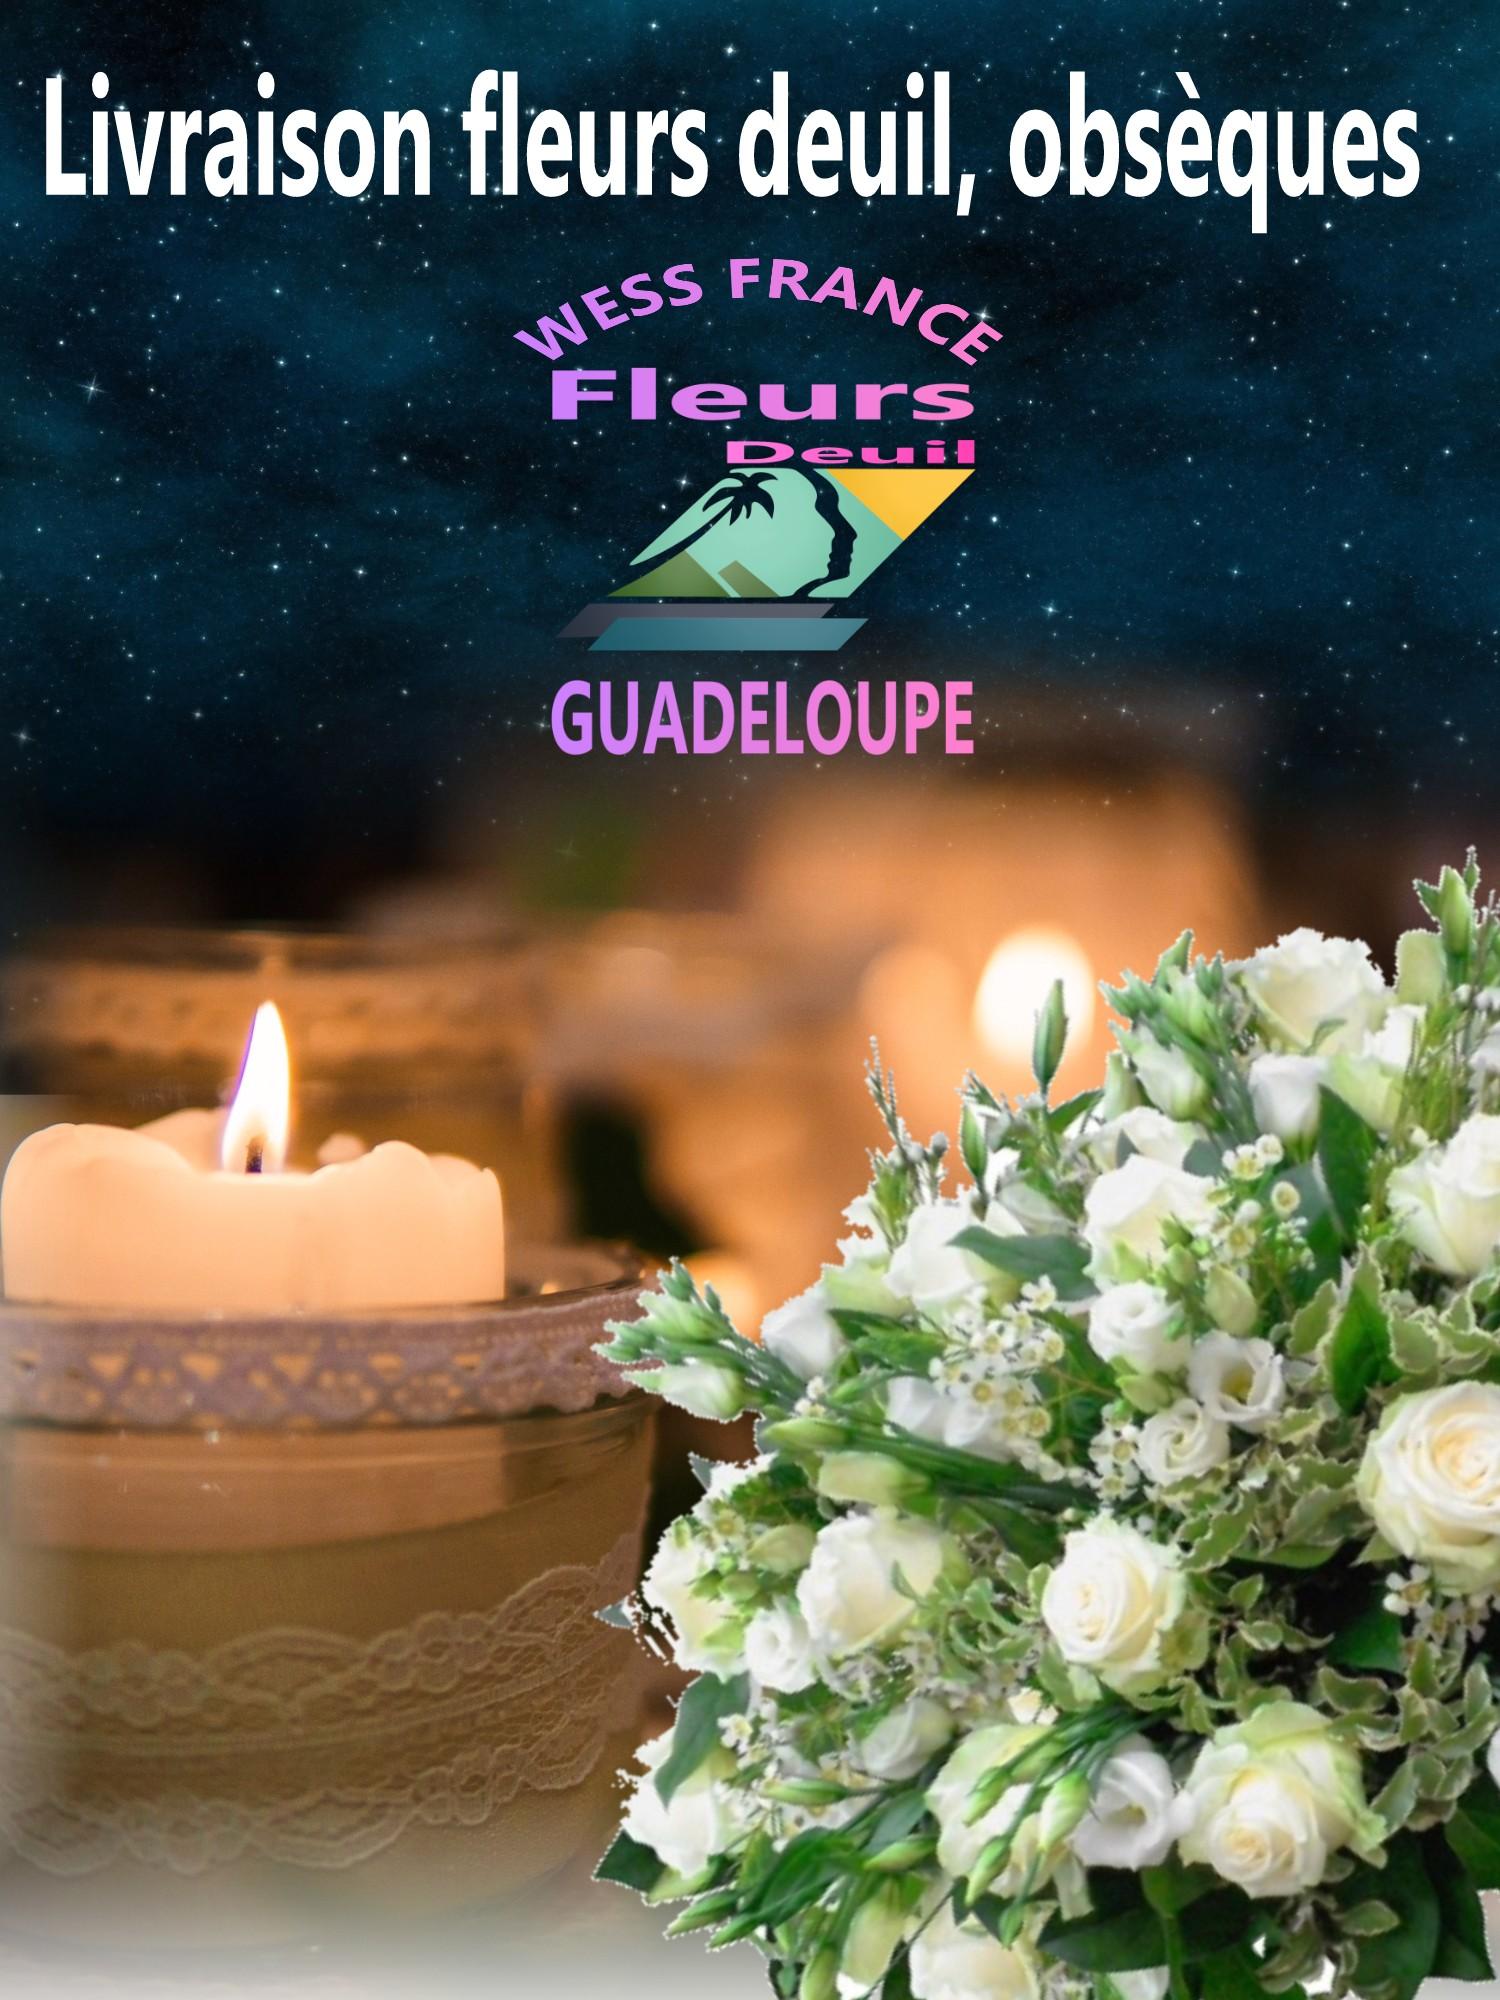 LIVRER UN BOUQUET POUR DES OBSÈQUES A BOUILLANTE 97125. bouquet deuil BOUILLANTE 97125. gerbe deuil BOUILLANTE 97125